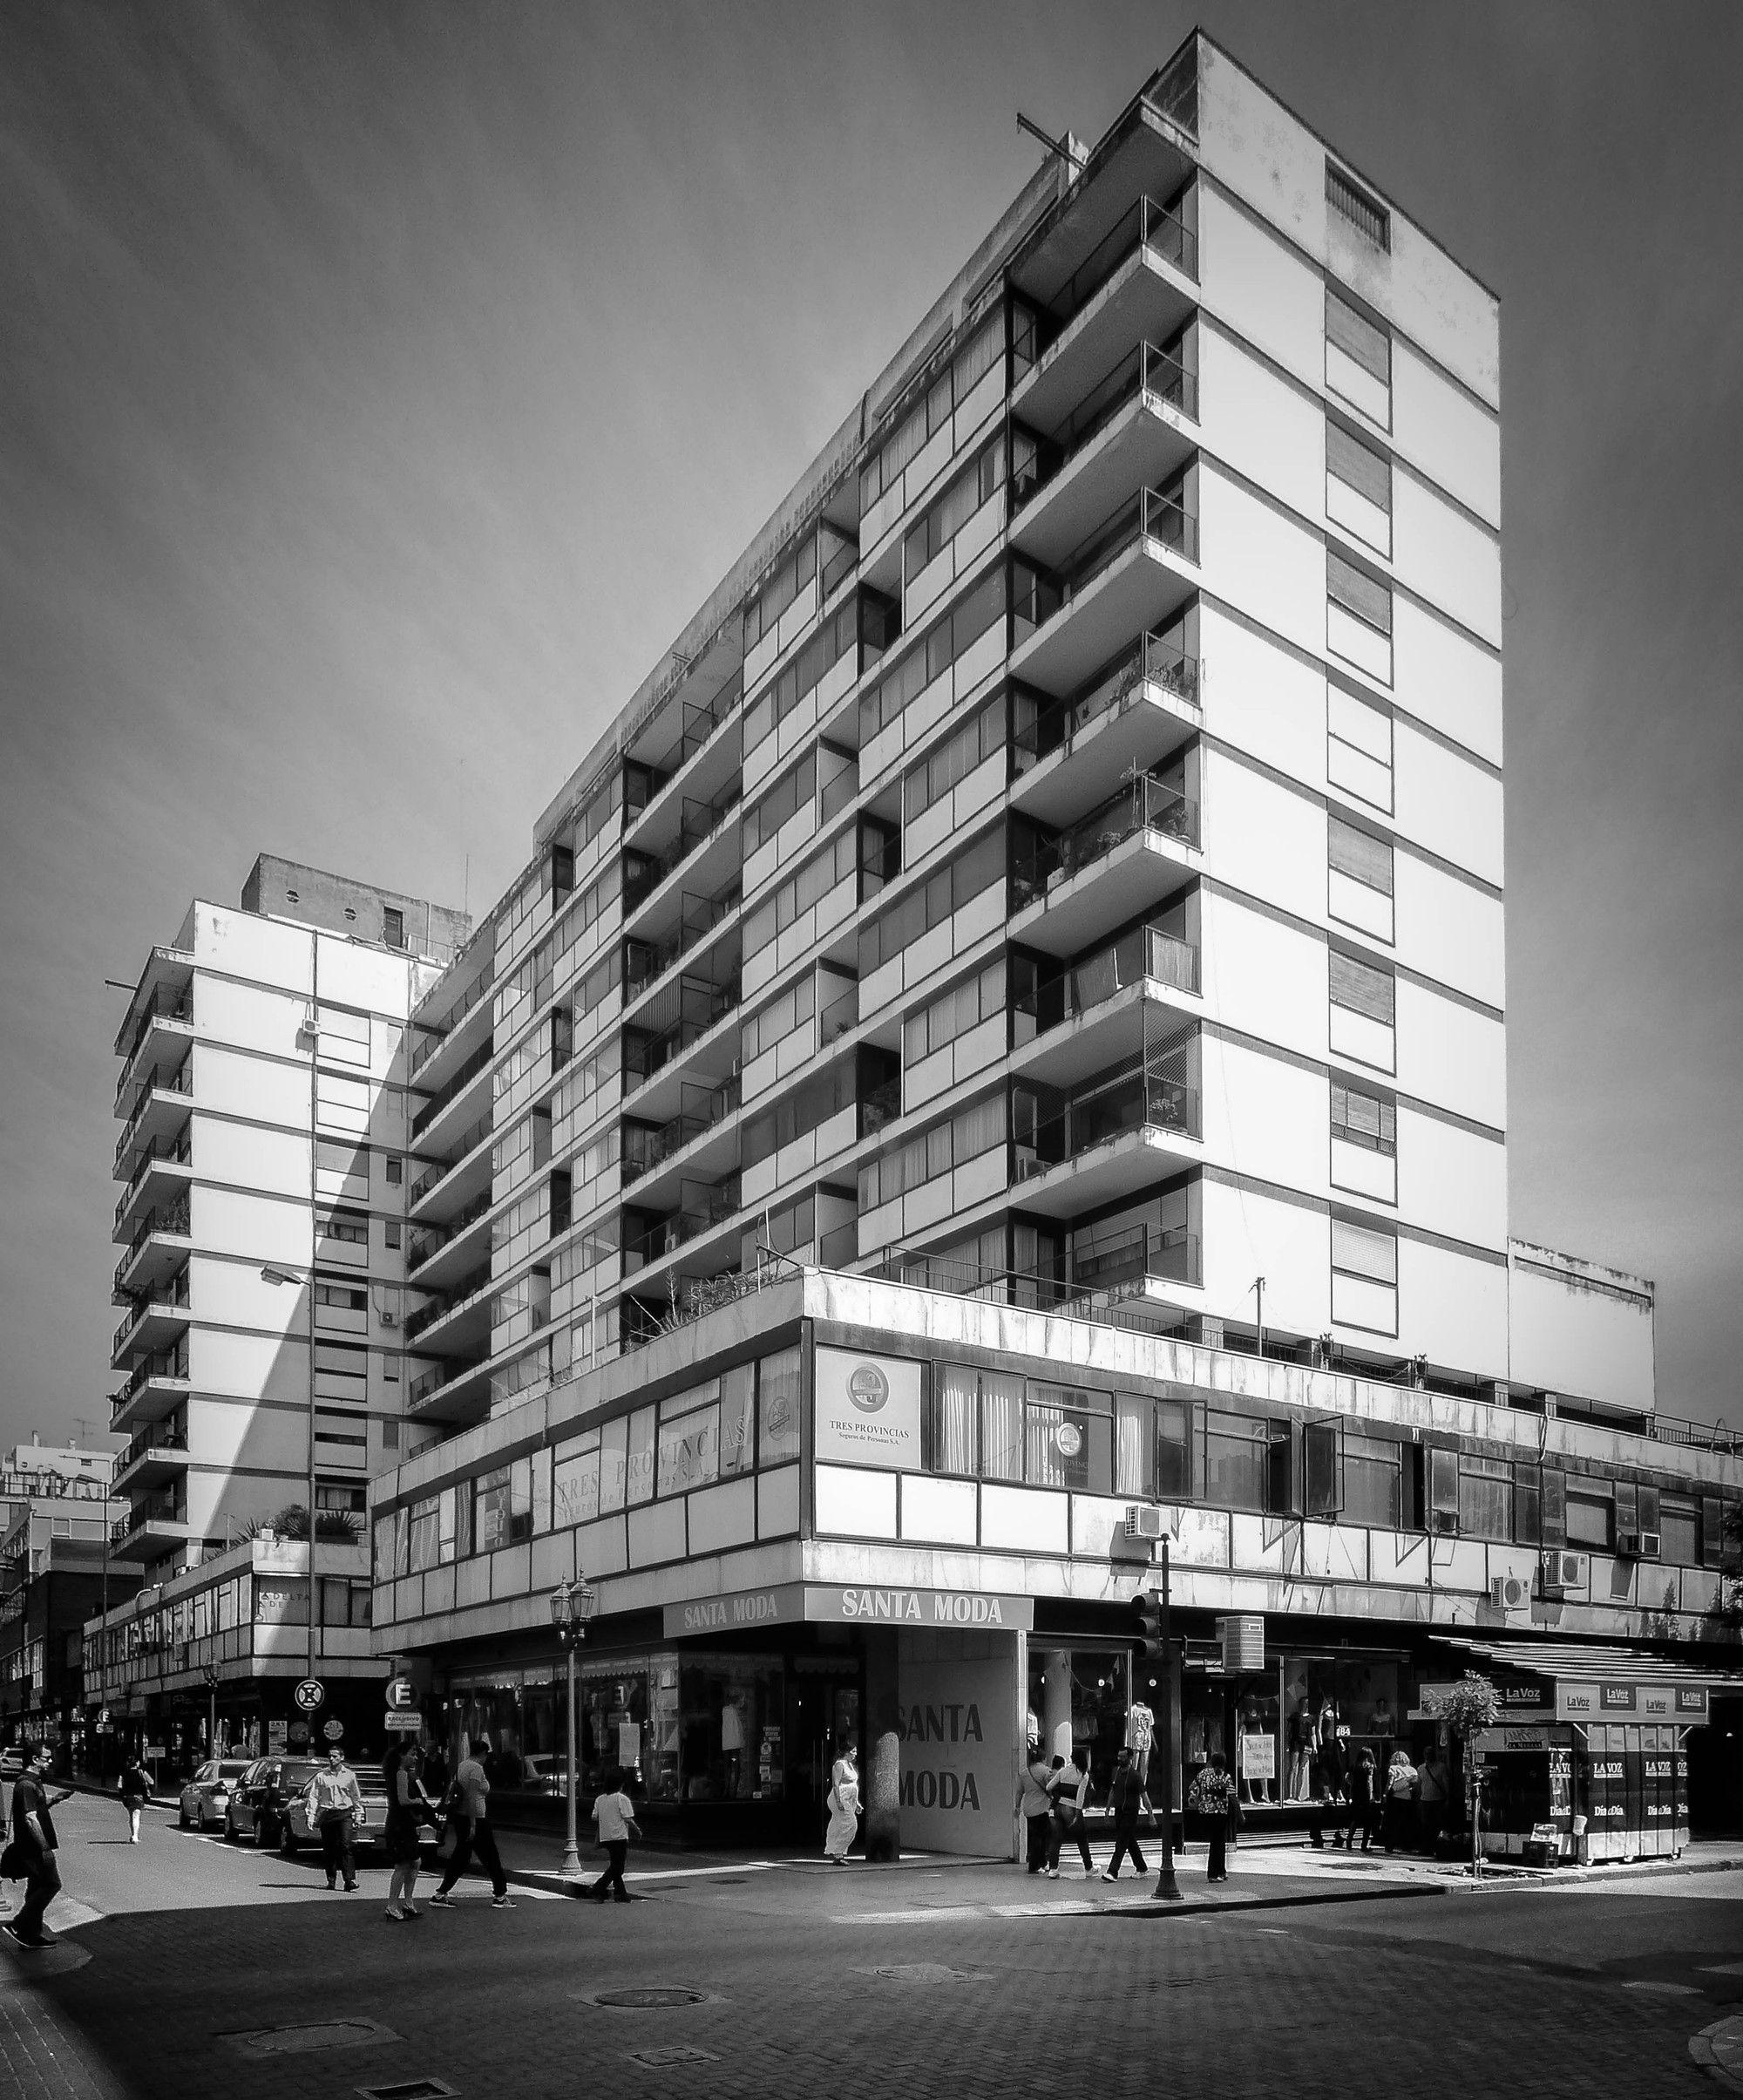 Cl sicos de arquitectura edificio y galer a comercial - Galeria comercial ...